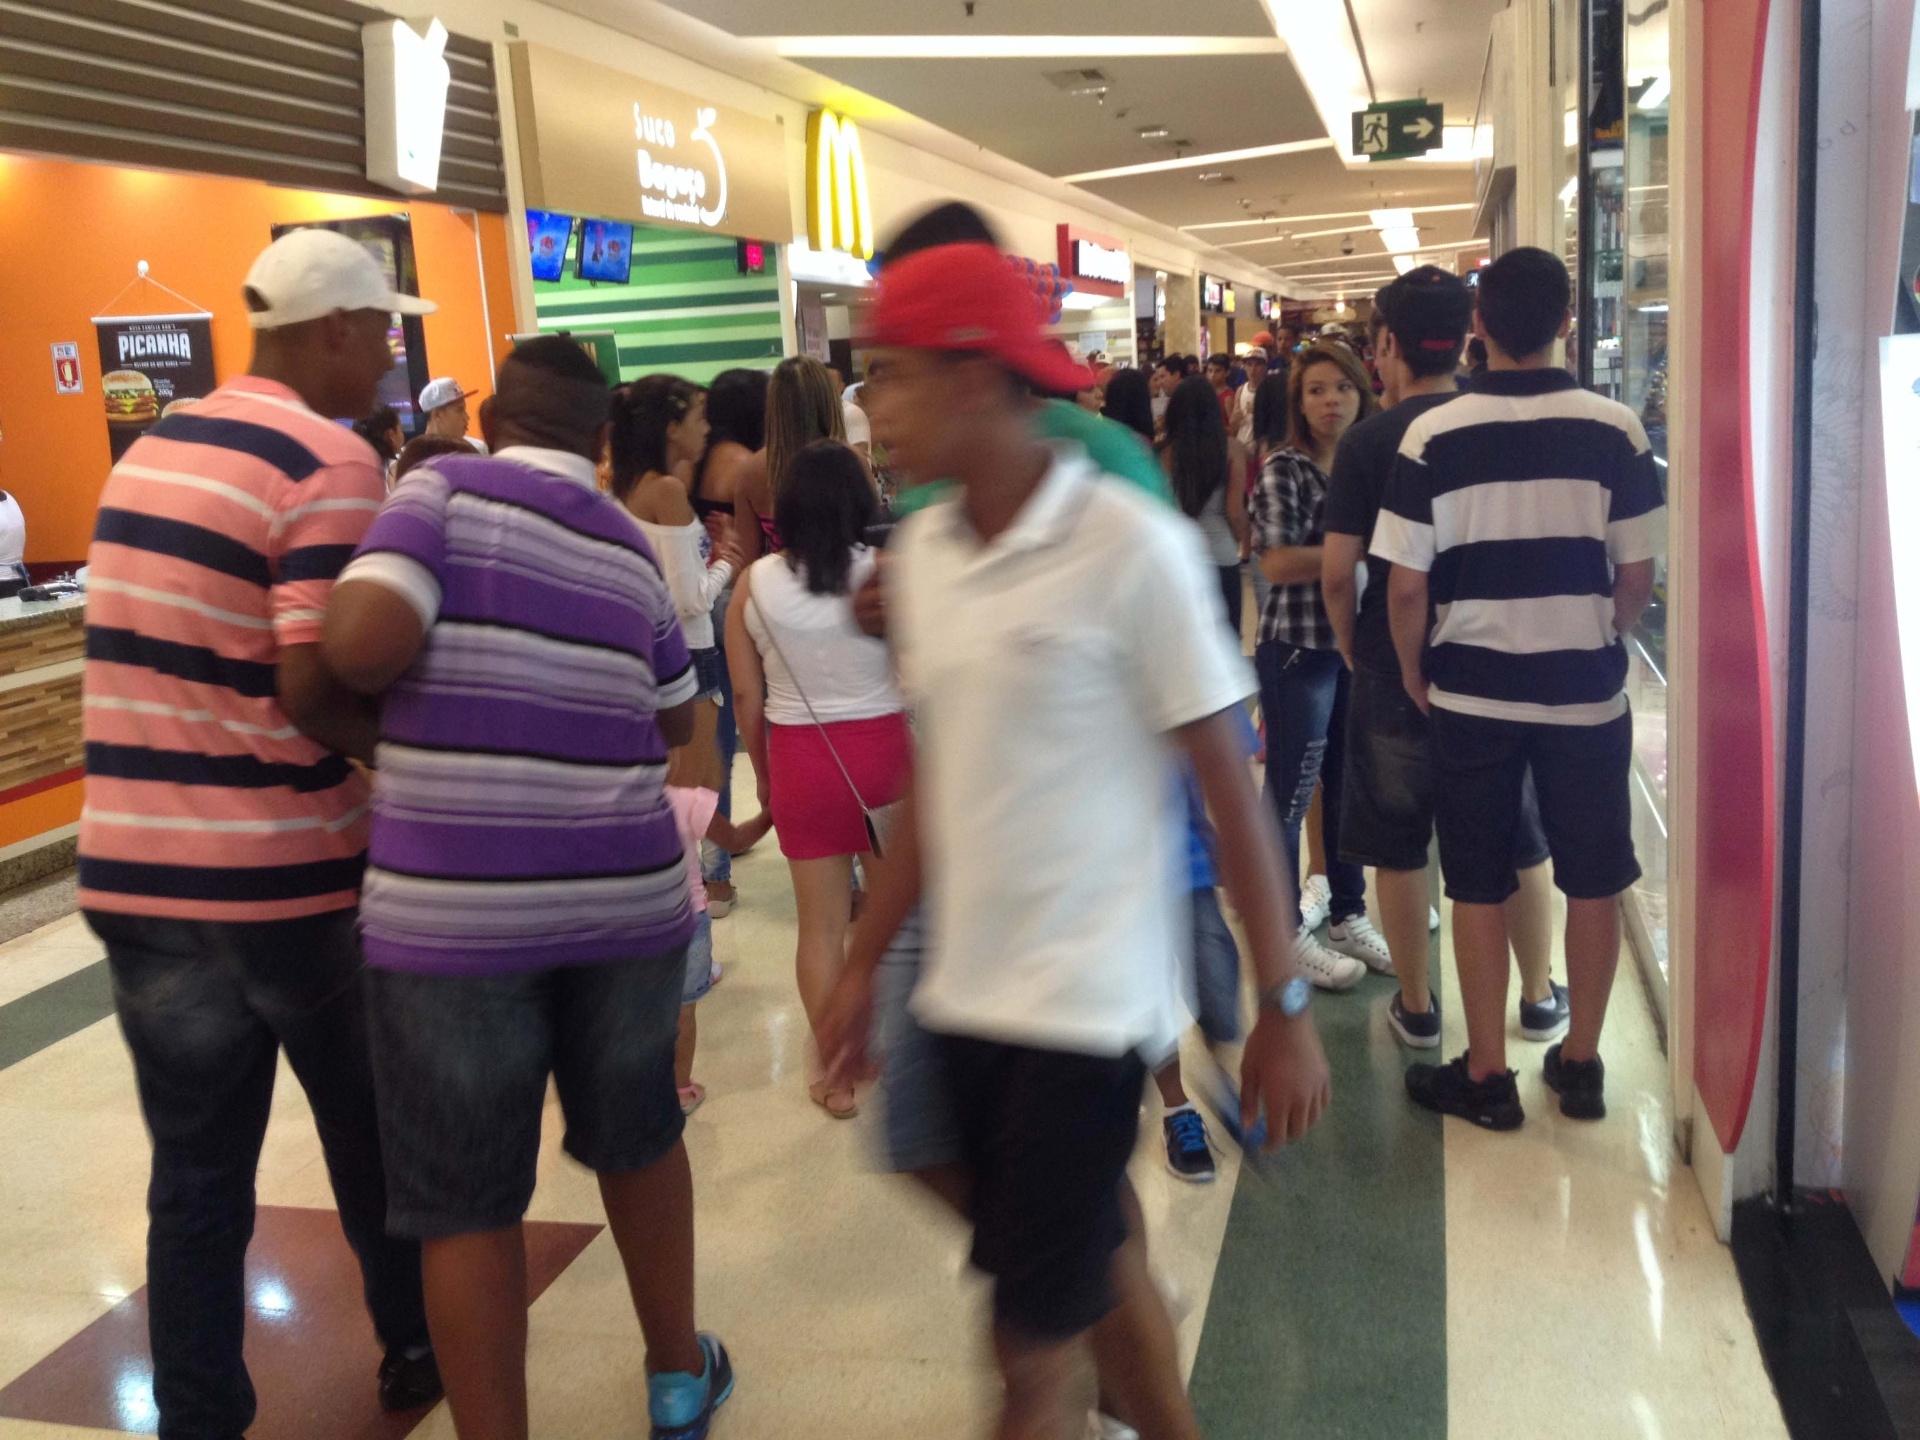 19.jan.2014 - Jovens circulam pelo Shopping Plaza Sul, em São Paulo, no bairro da Saúde, na zona sul da capital paulista, neste domingo (19). O